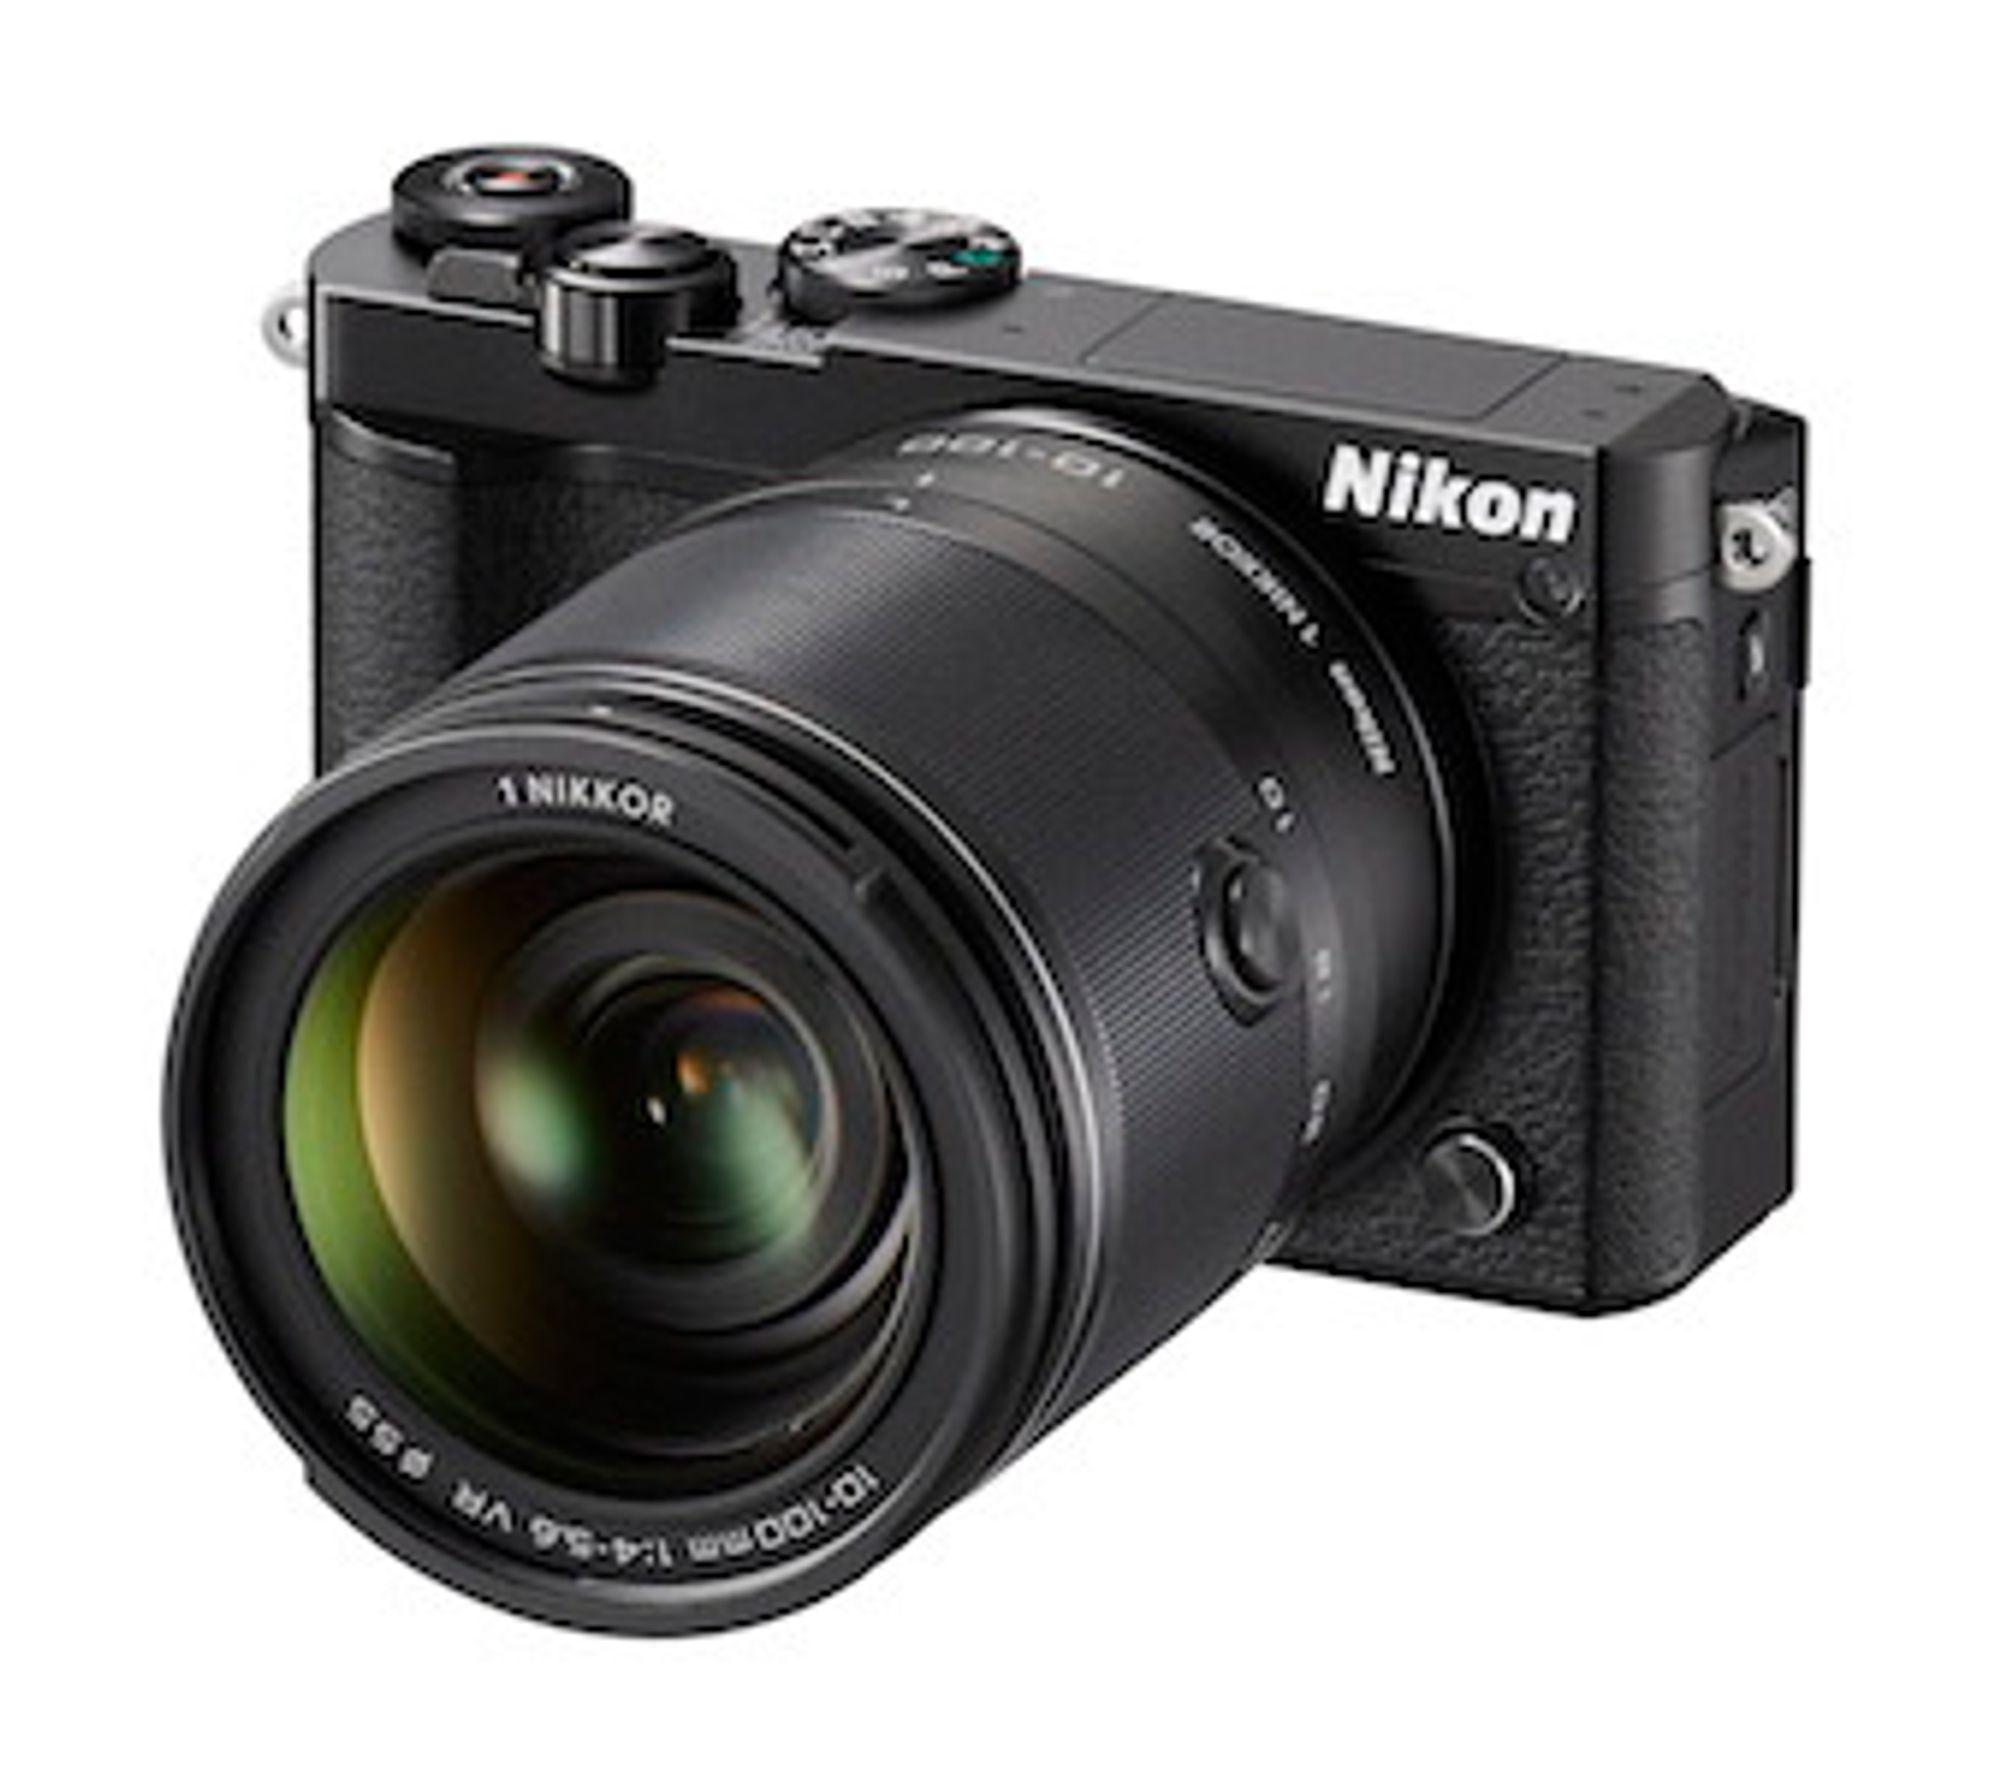 Tøffeste modell: Nikon 1 J5 i helsort med det største objektivet som zoomer fra 10 til 100 mm.